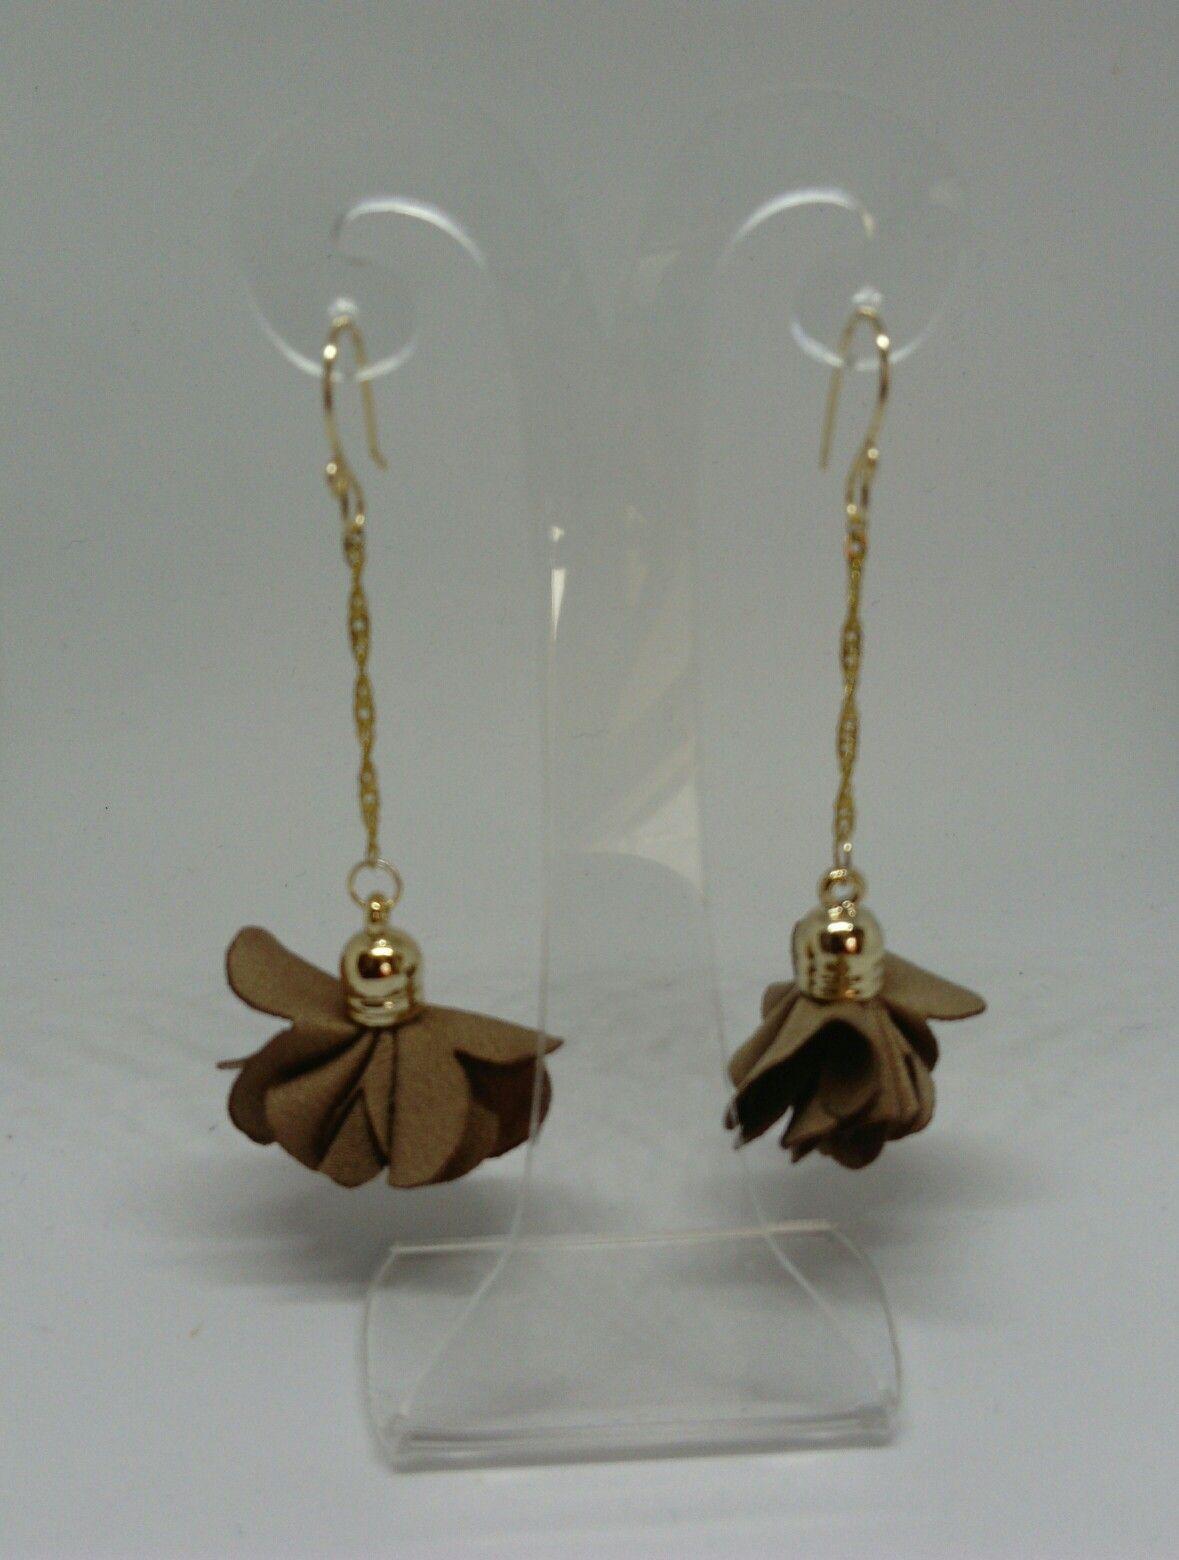 ddab7effc8fd Aretes de flores de tela con cadenas  vettaaccesories  handmade  hechoamano   mexico  mujer  belleza  moda  aretesartesanales